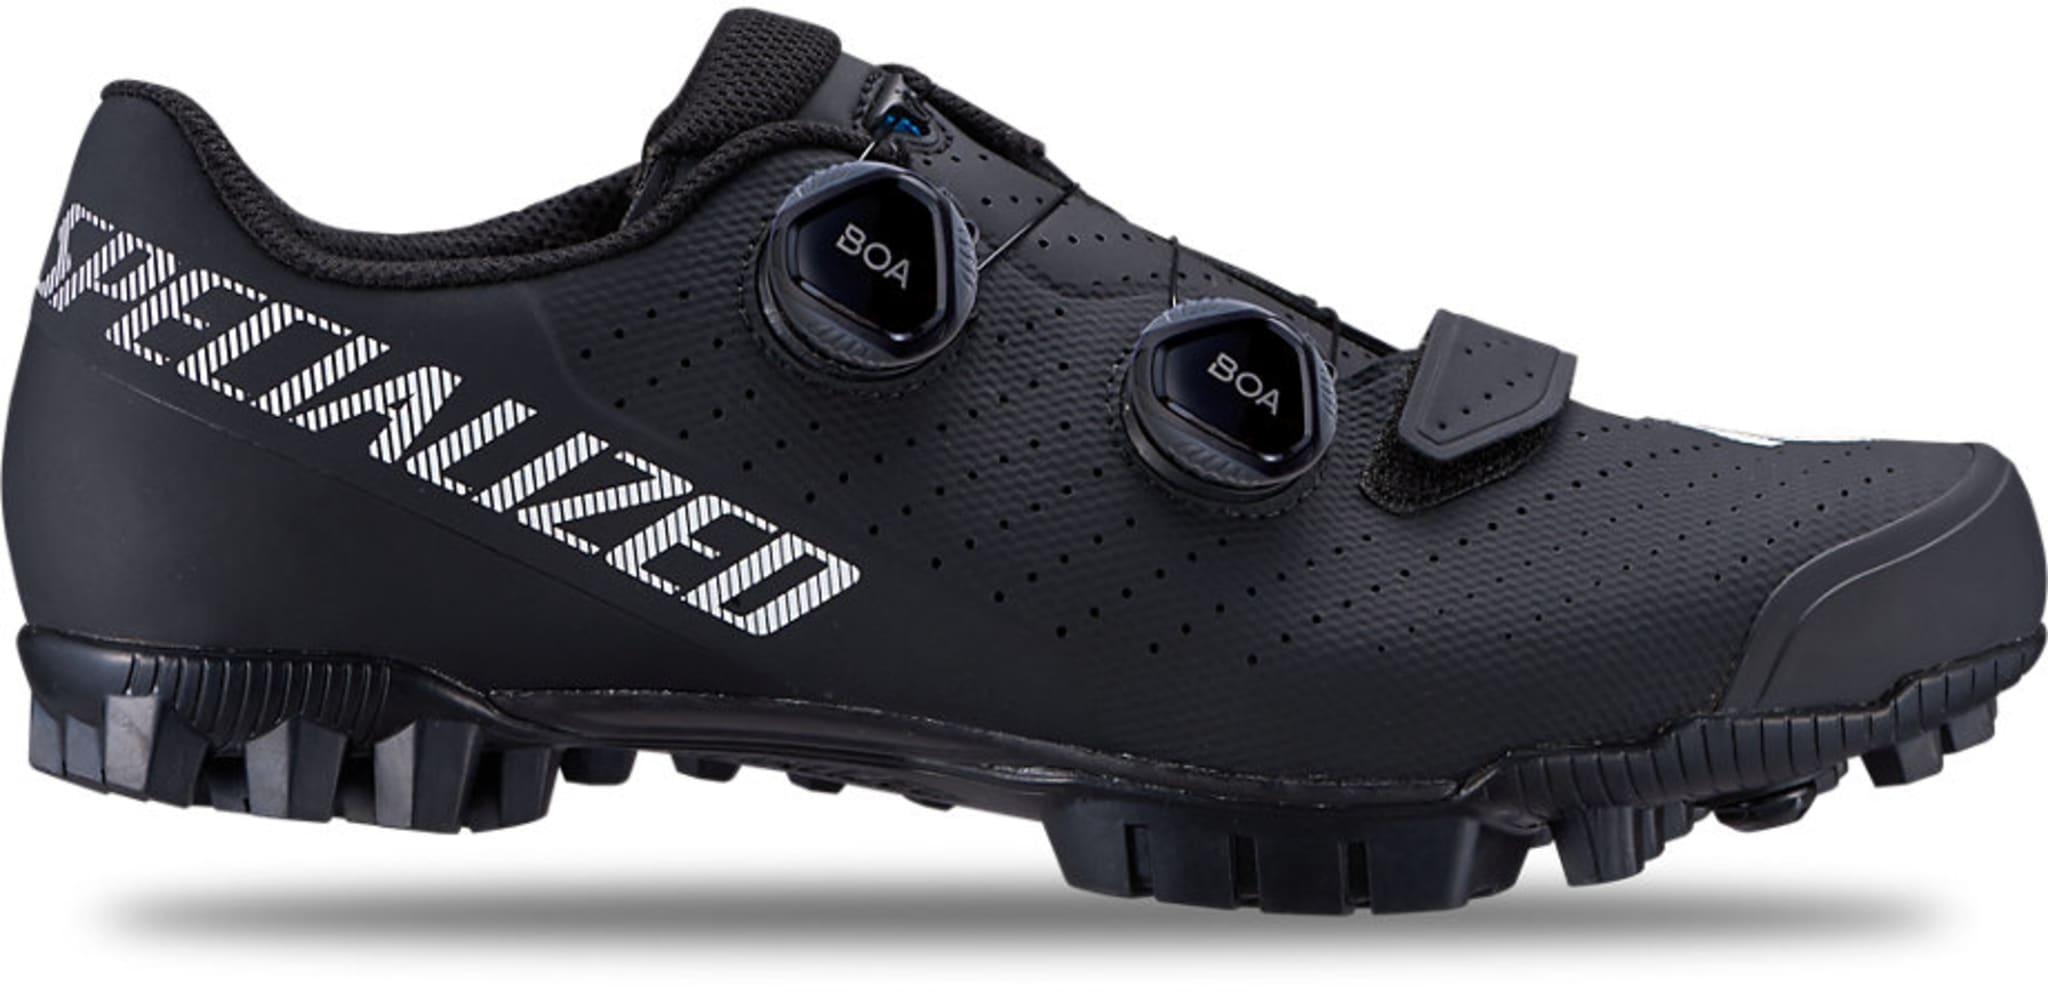 Recon 3.0 Terrengsykkel sko